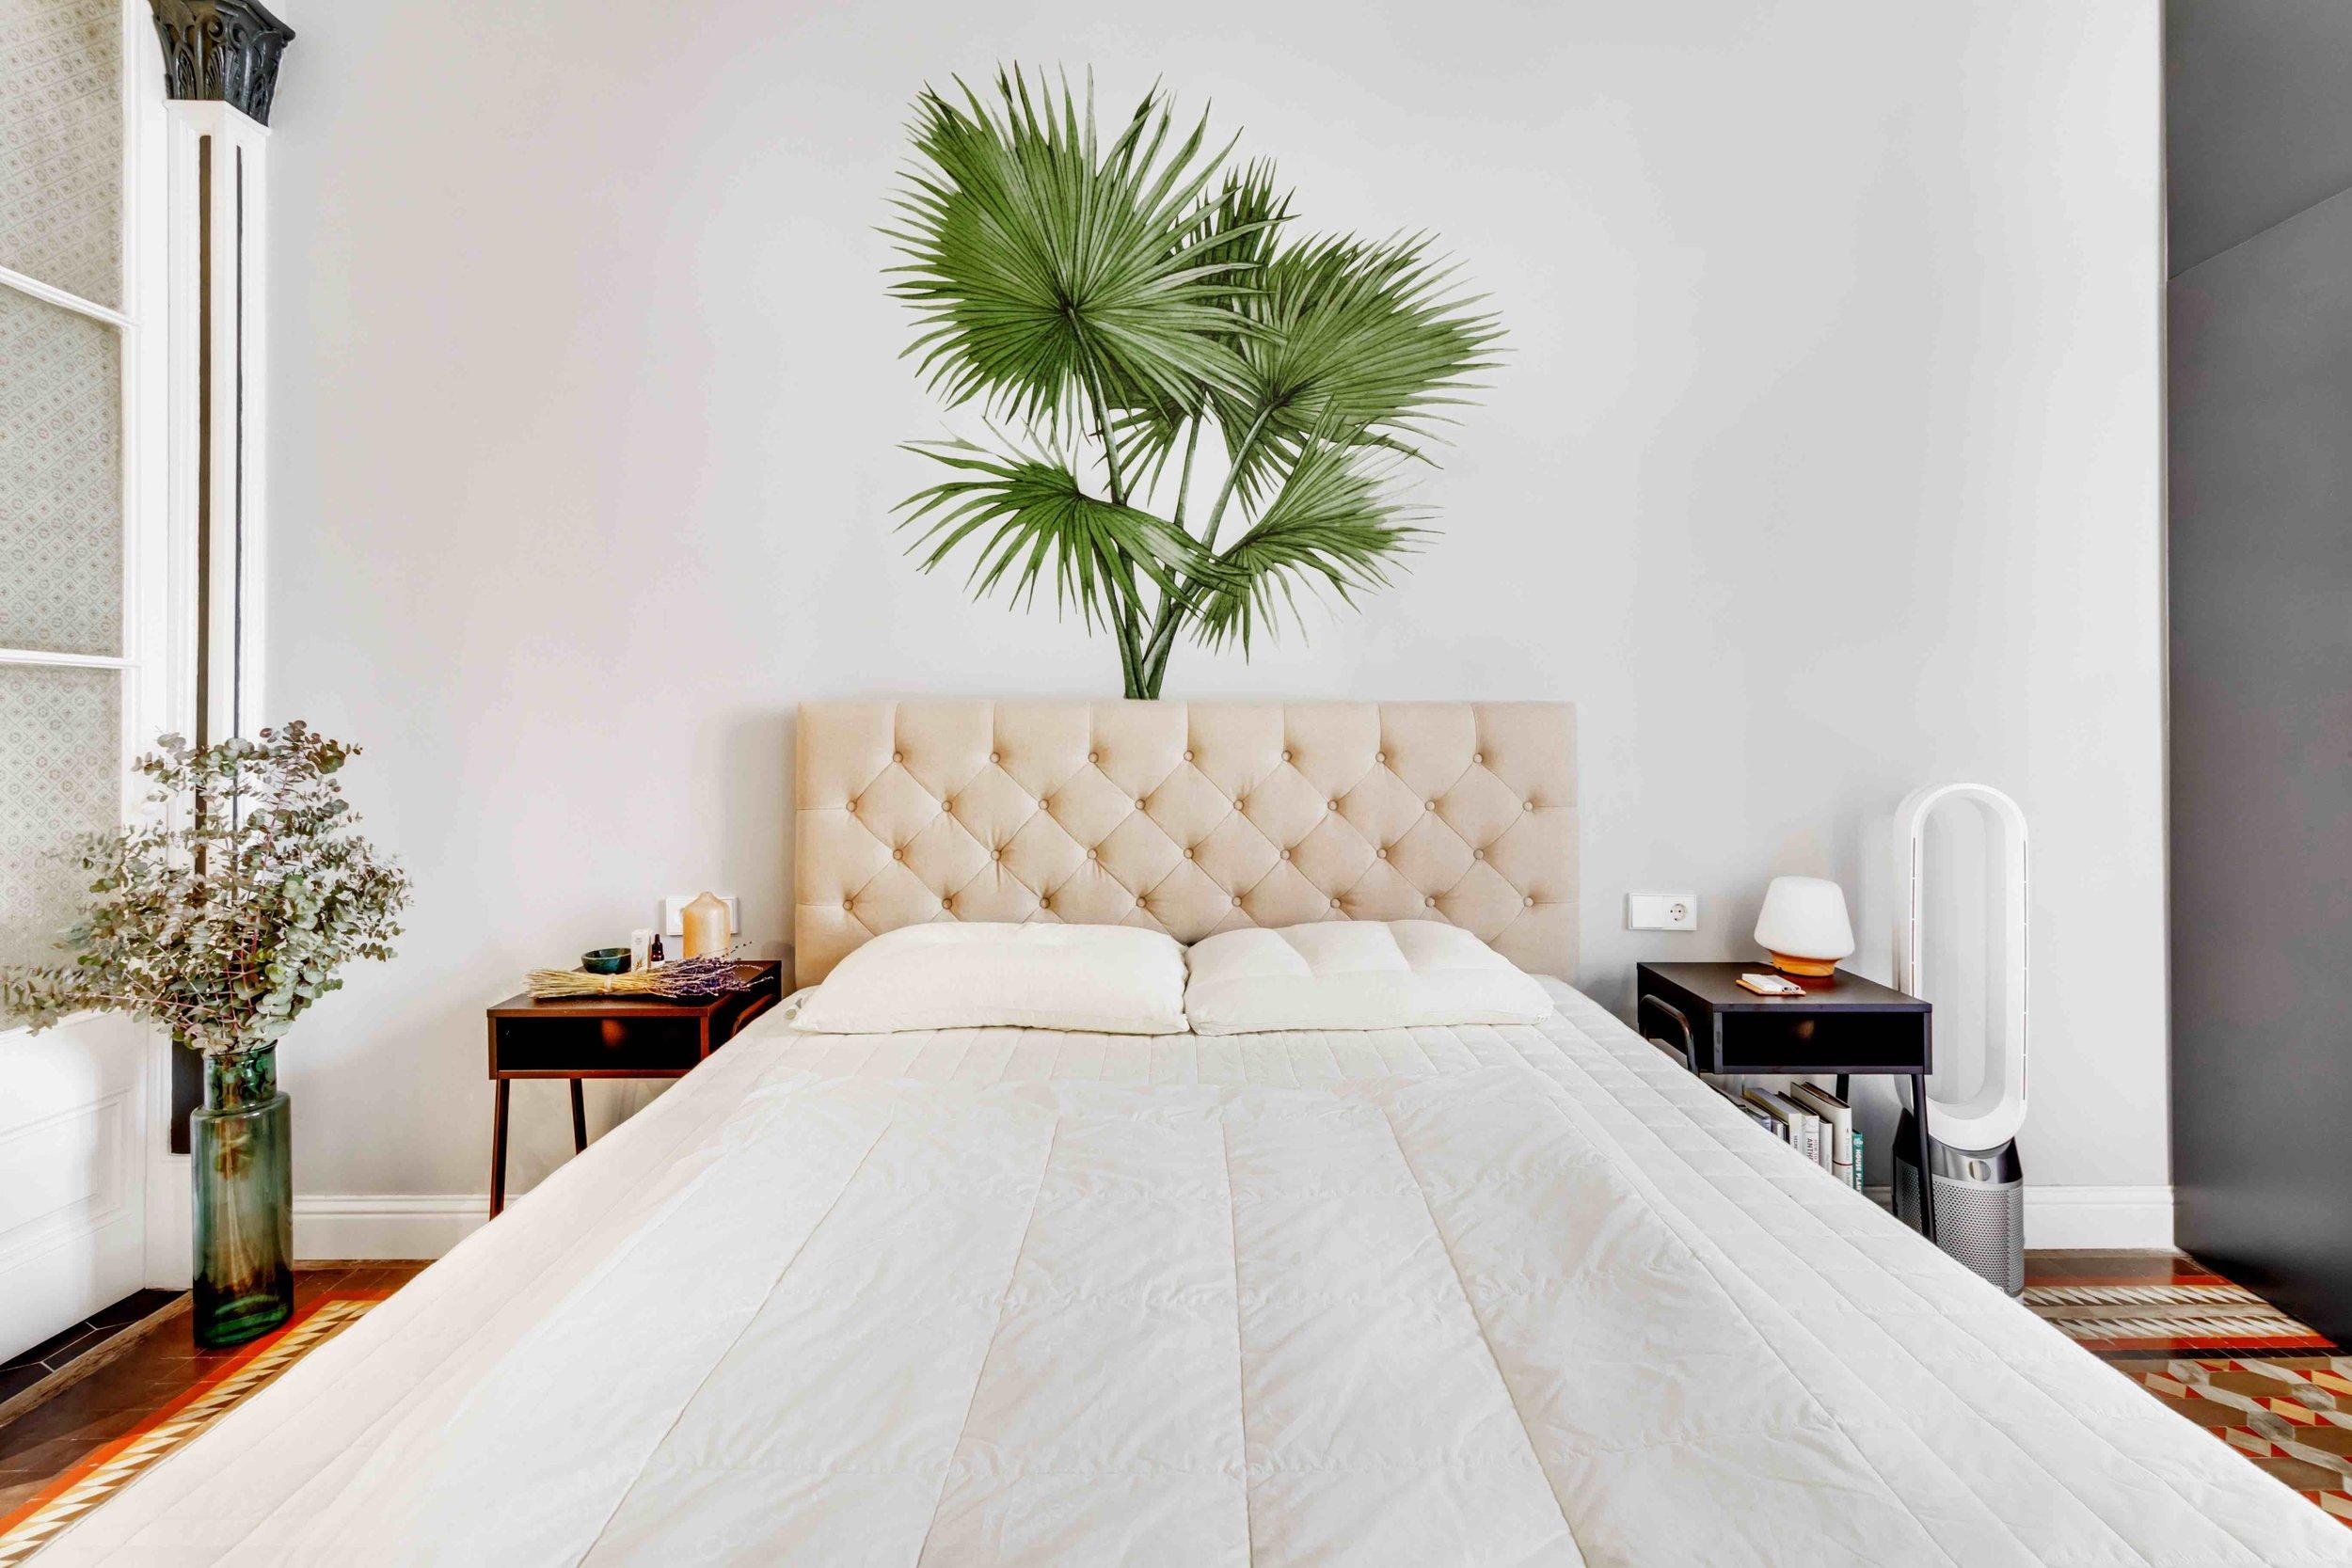 casa biofilico biophilic design interior home